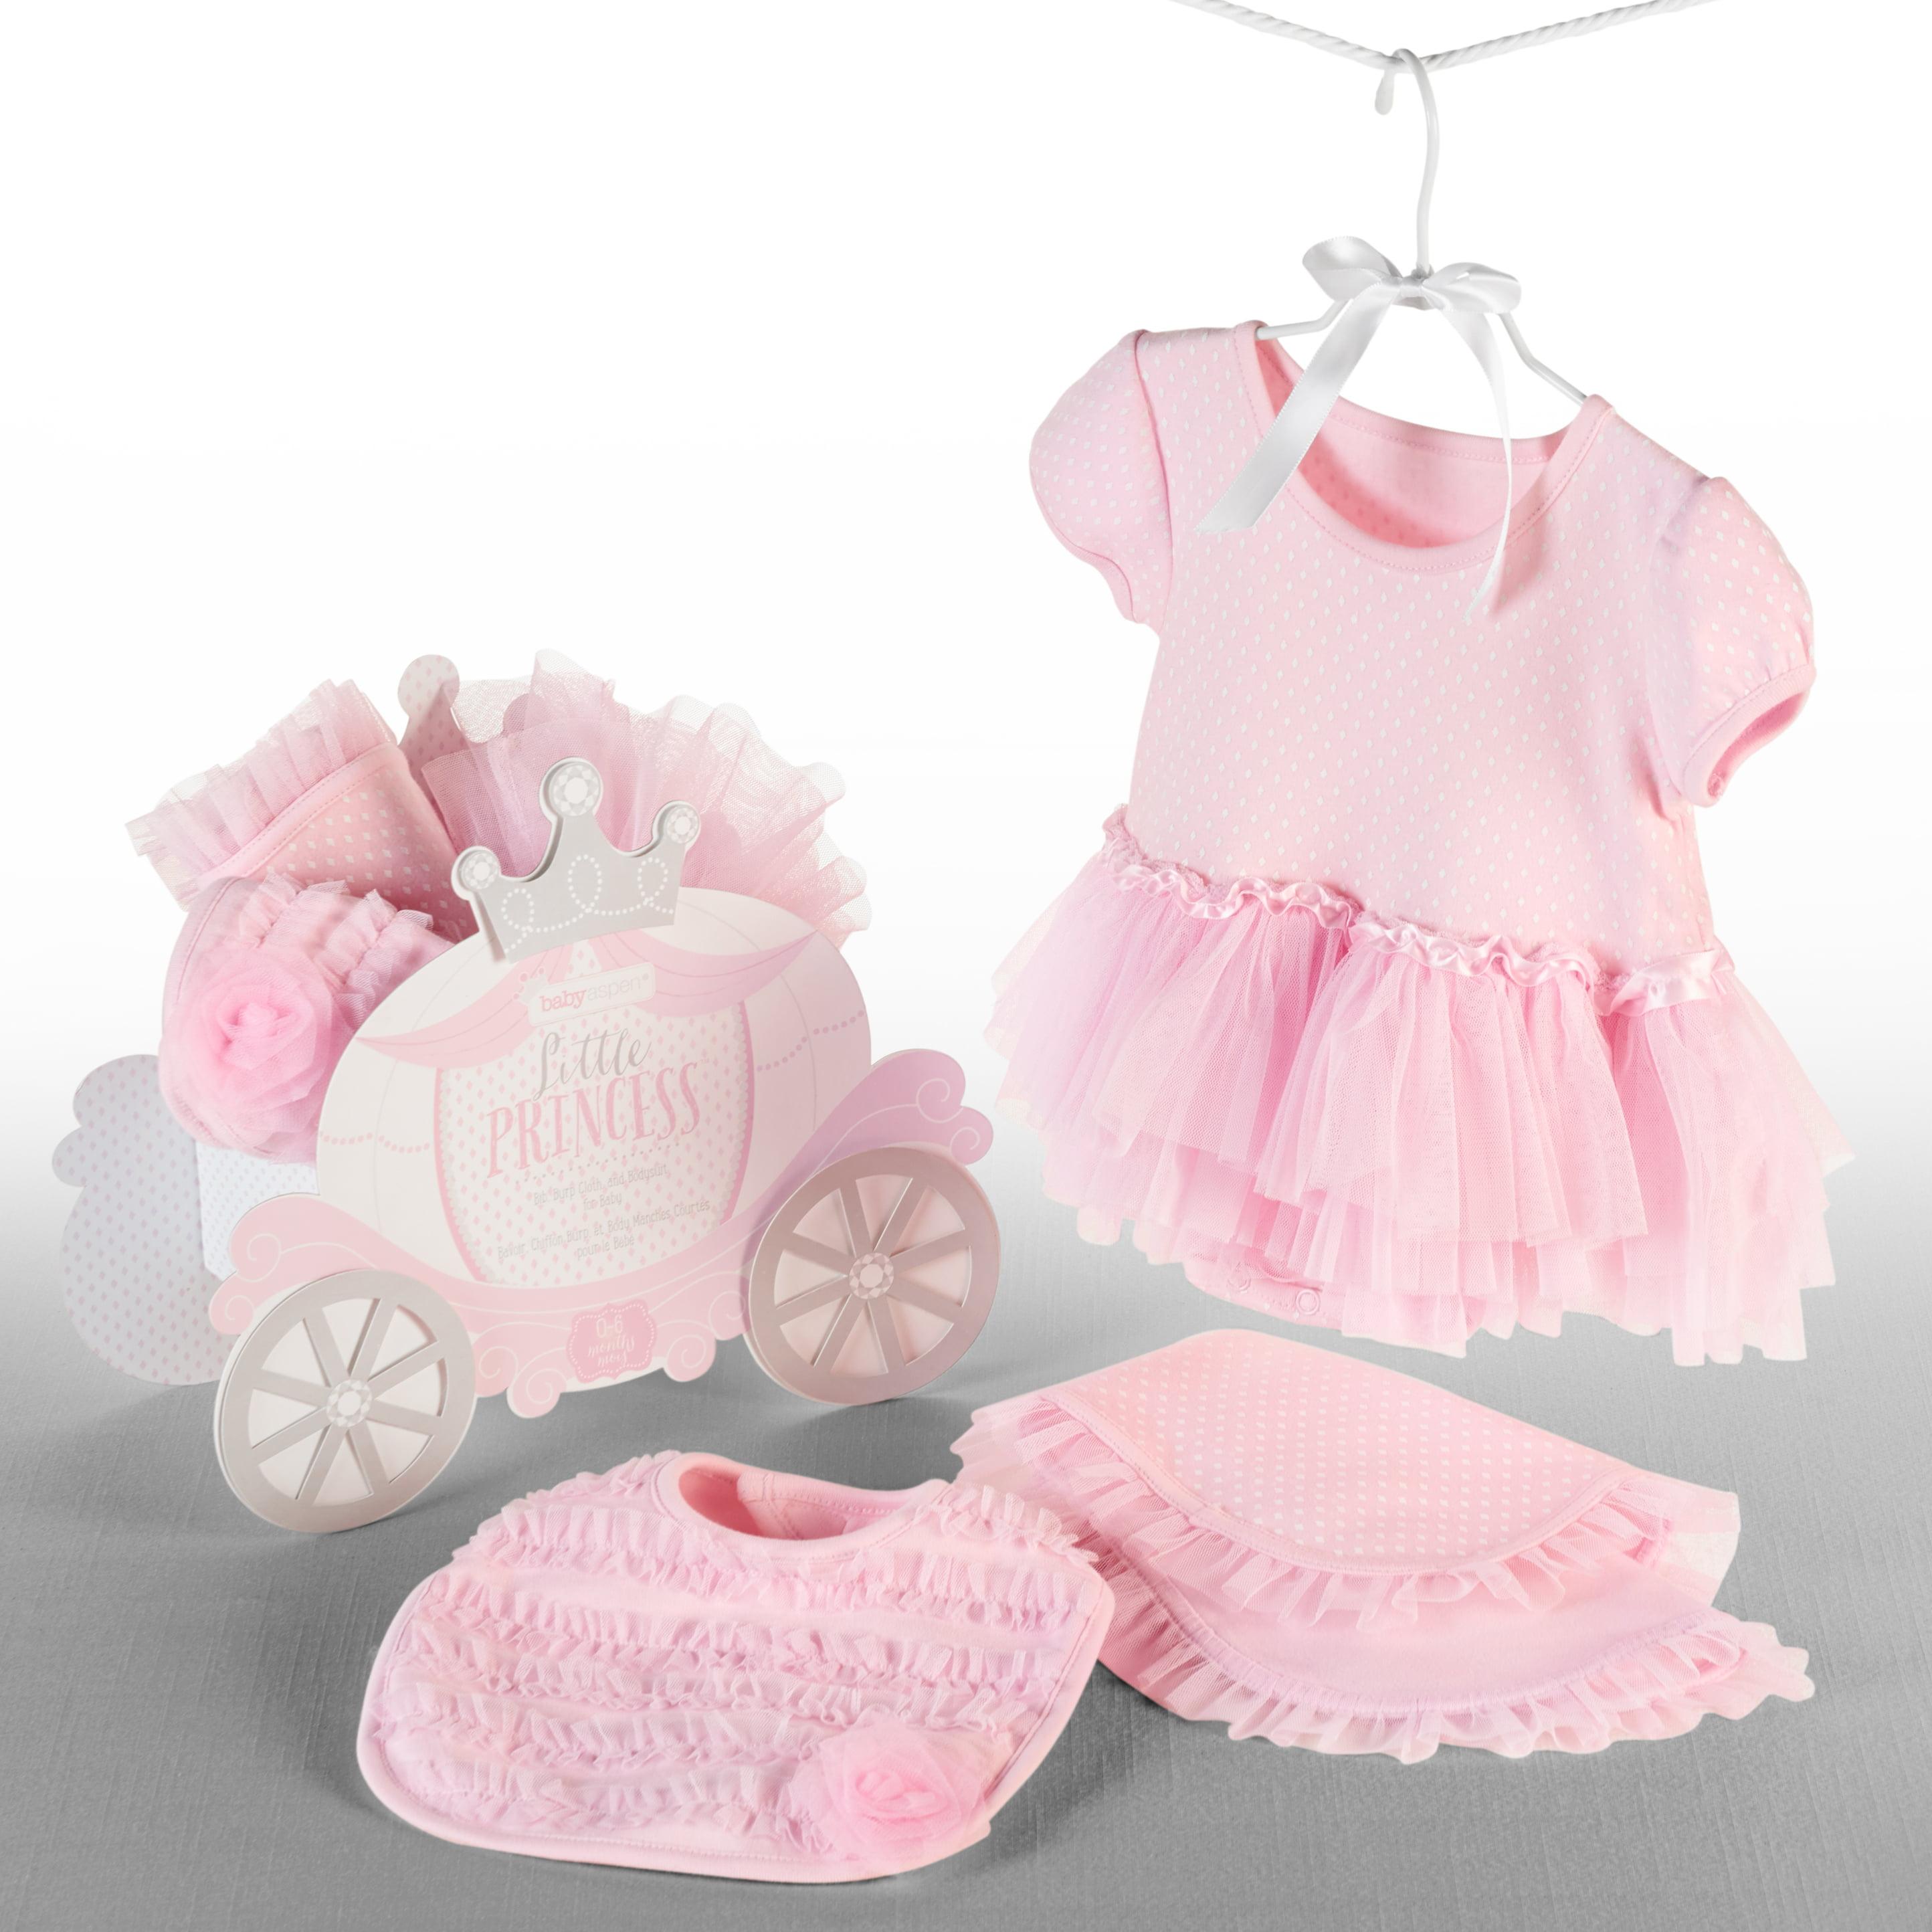 Little Princess Bib, Burp & Bodysuit for Baby